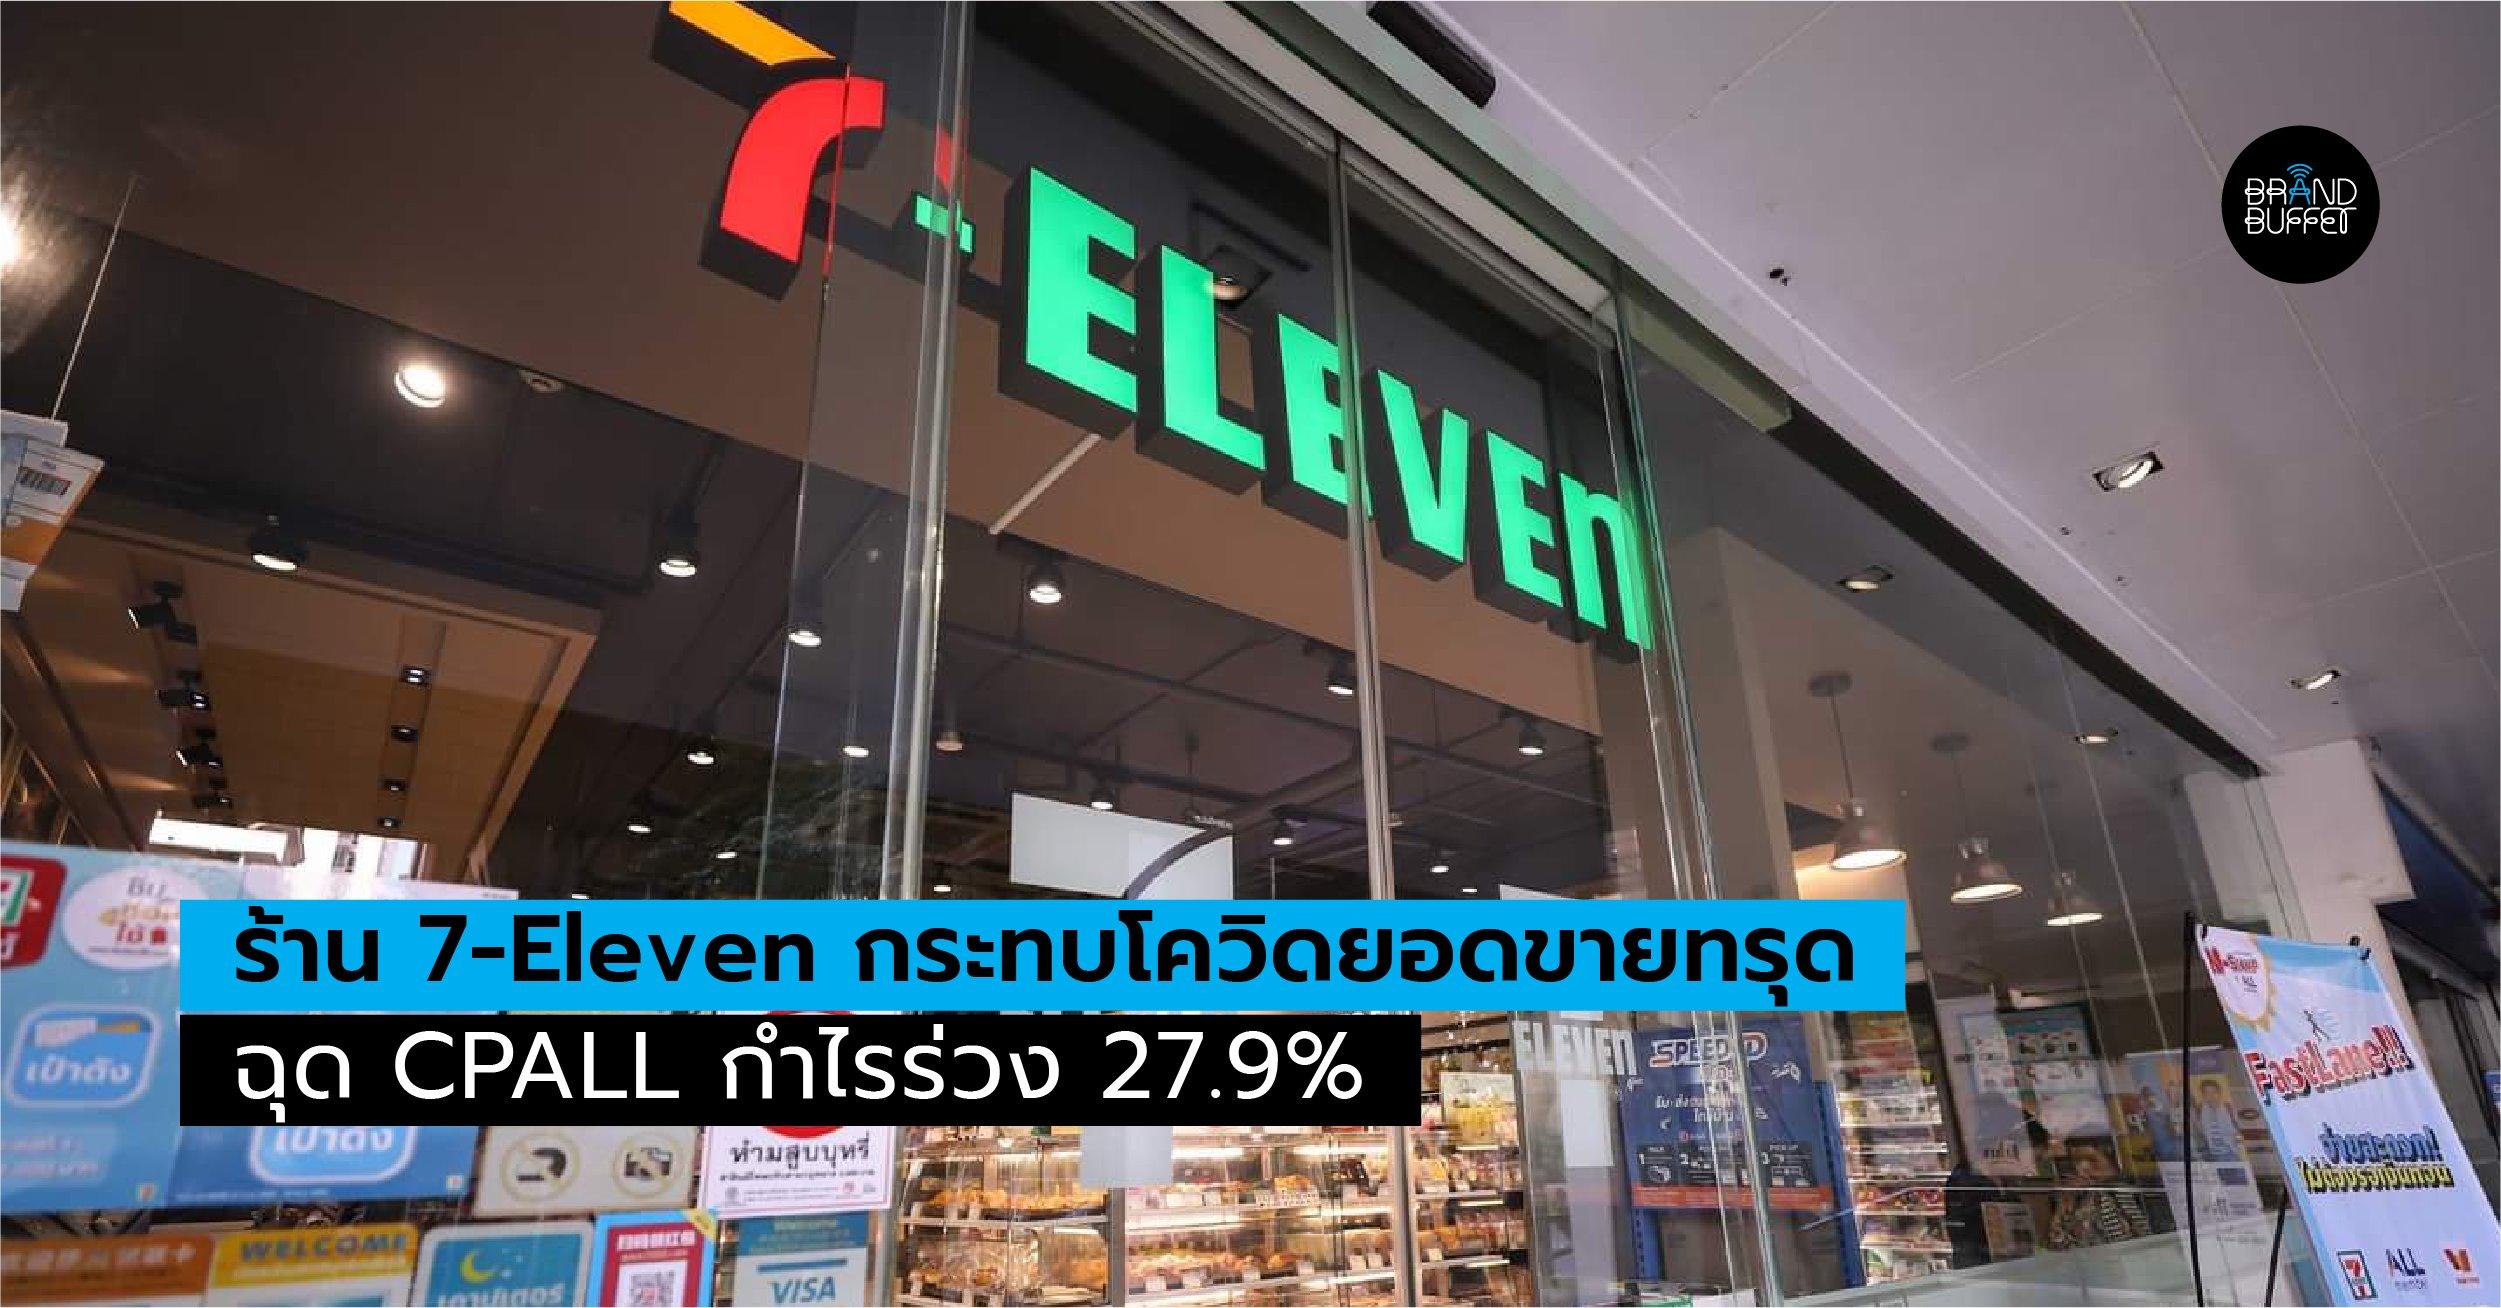 7 Eleven cover